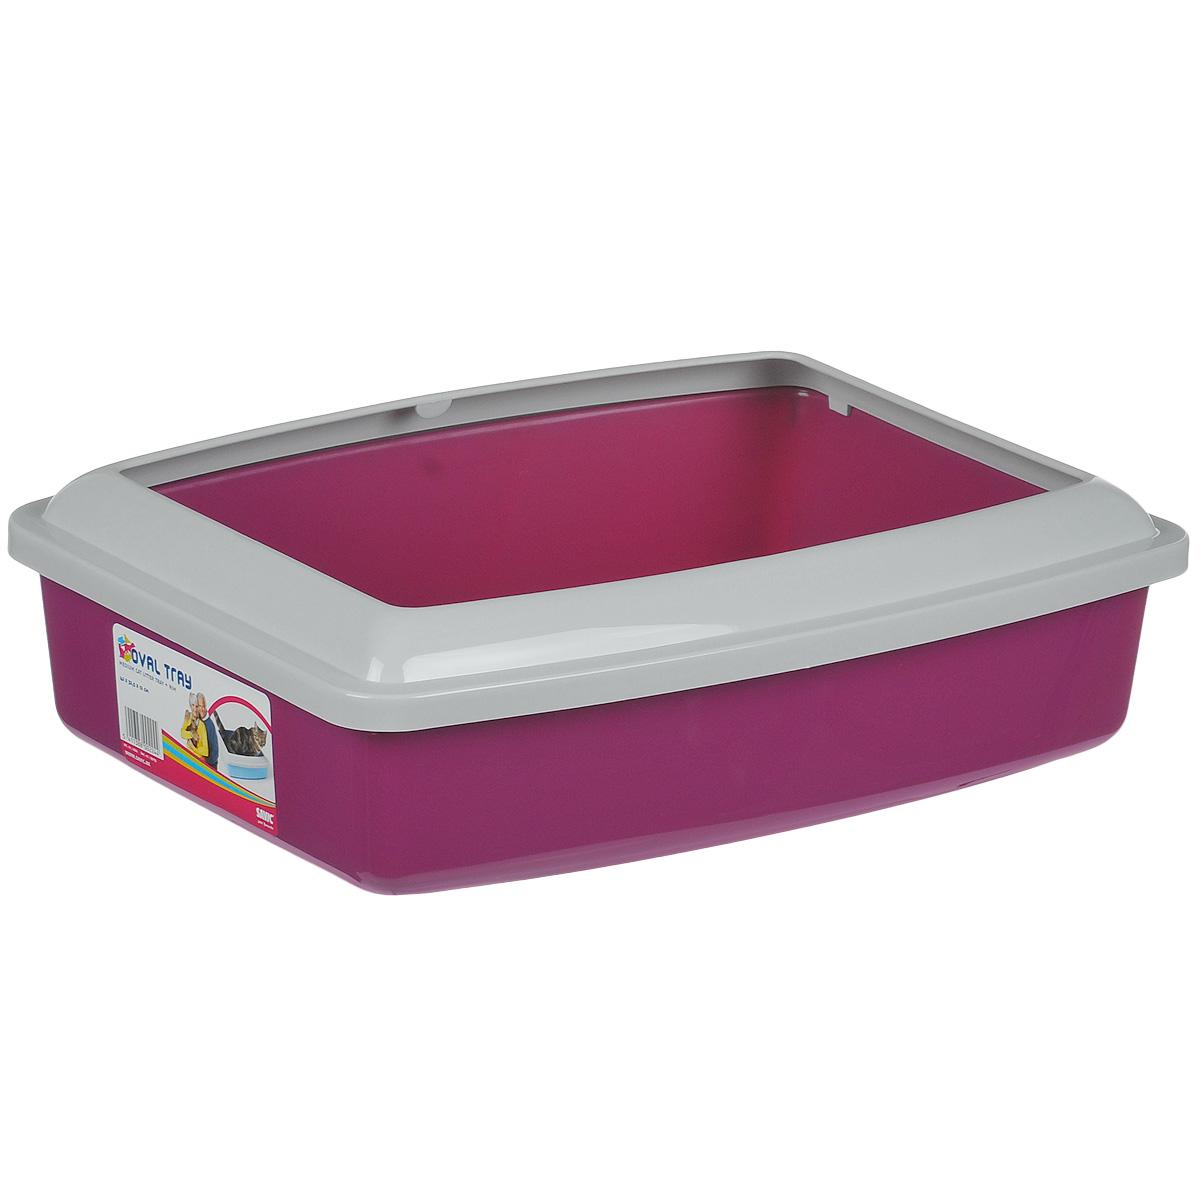 Туалет для кошек Savic Oval Trey Medium, с бортом, цвет: малиновый, 42 см х 33 см0120710Туалет для кошек Savic Oval Trey Medium изготовлен из качественного прочного пластика. Высокий цветной борт, прикрепленный по периметру лотка, удобно защелкивается и предотвращает разбрасывание наполнителя. Это самый простой в употреблении предмет обихода для кошек и котов.